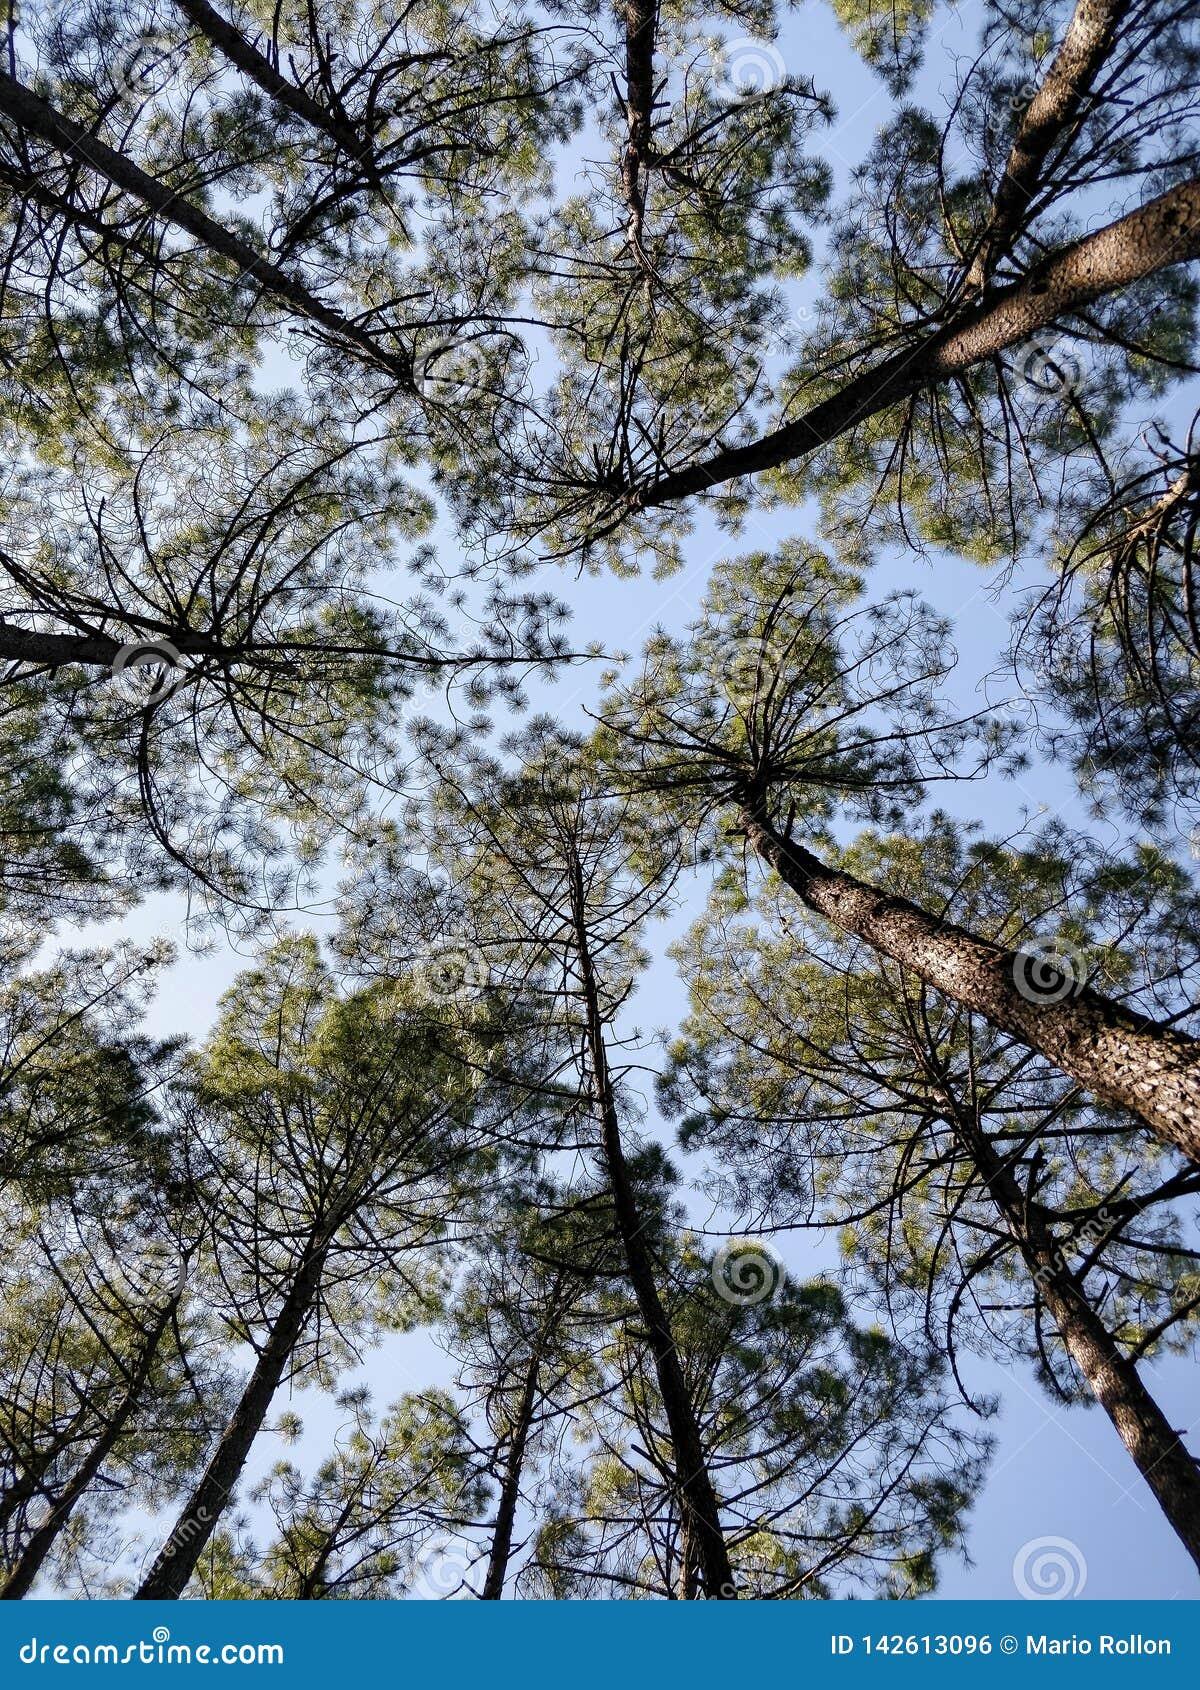 Stamm und Krone der Kiefern von der Basis der Bäume